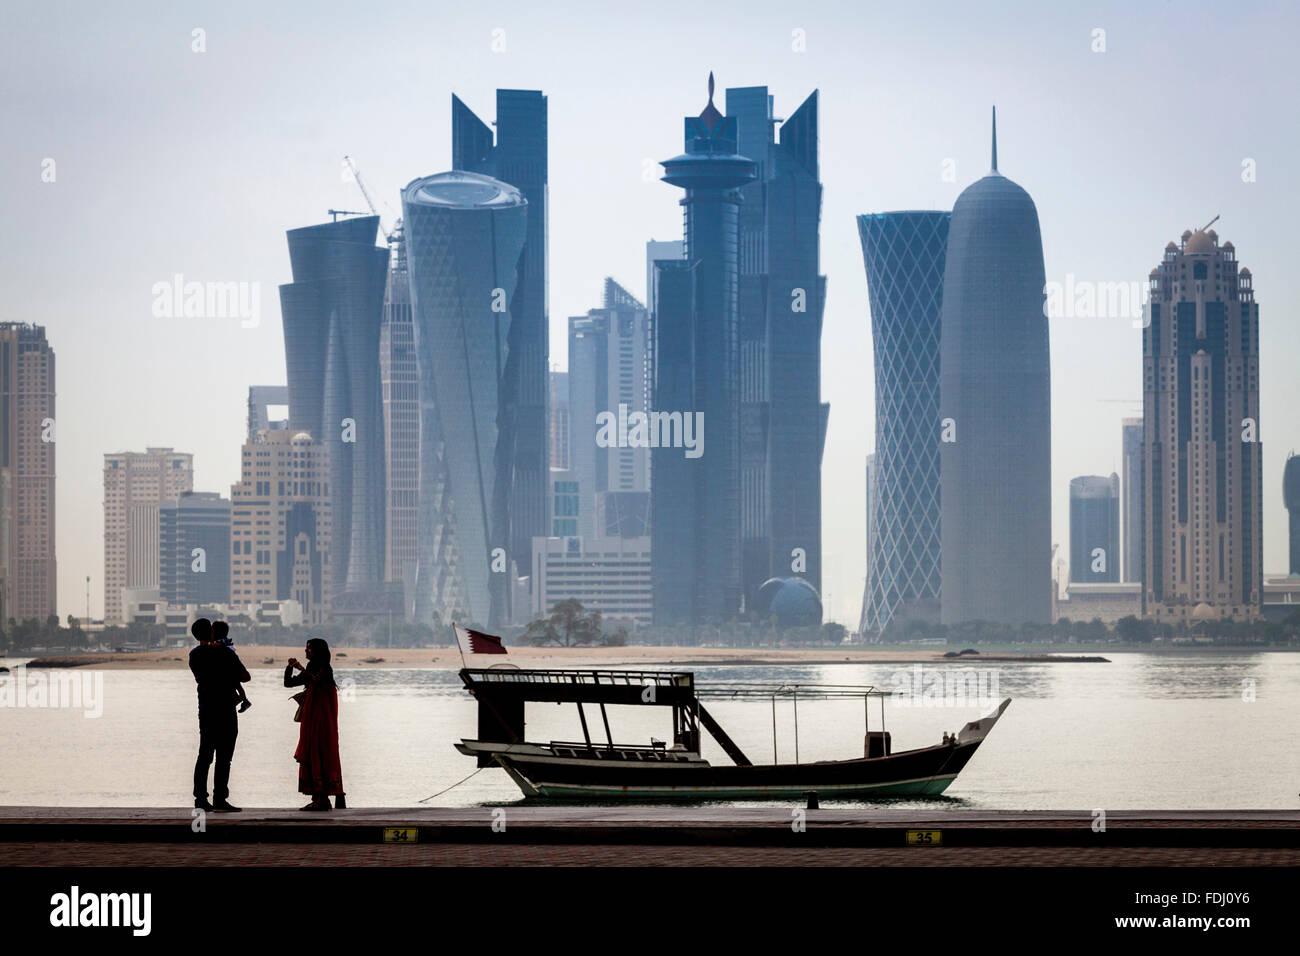 Doha grattacieli, Doha, Qatar Immagini Stock